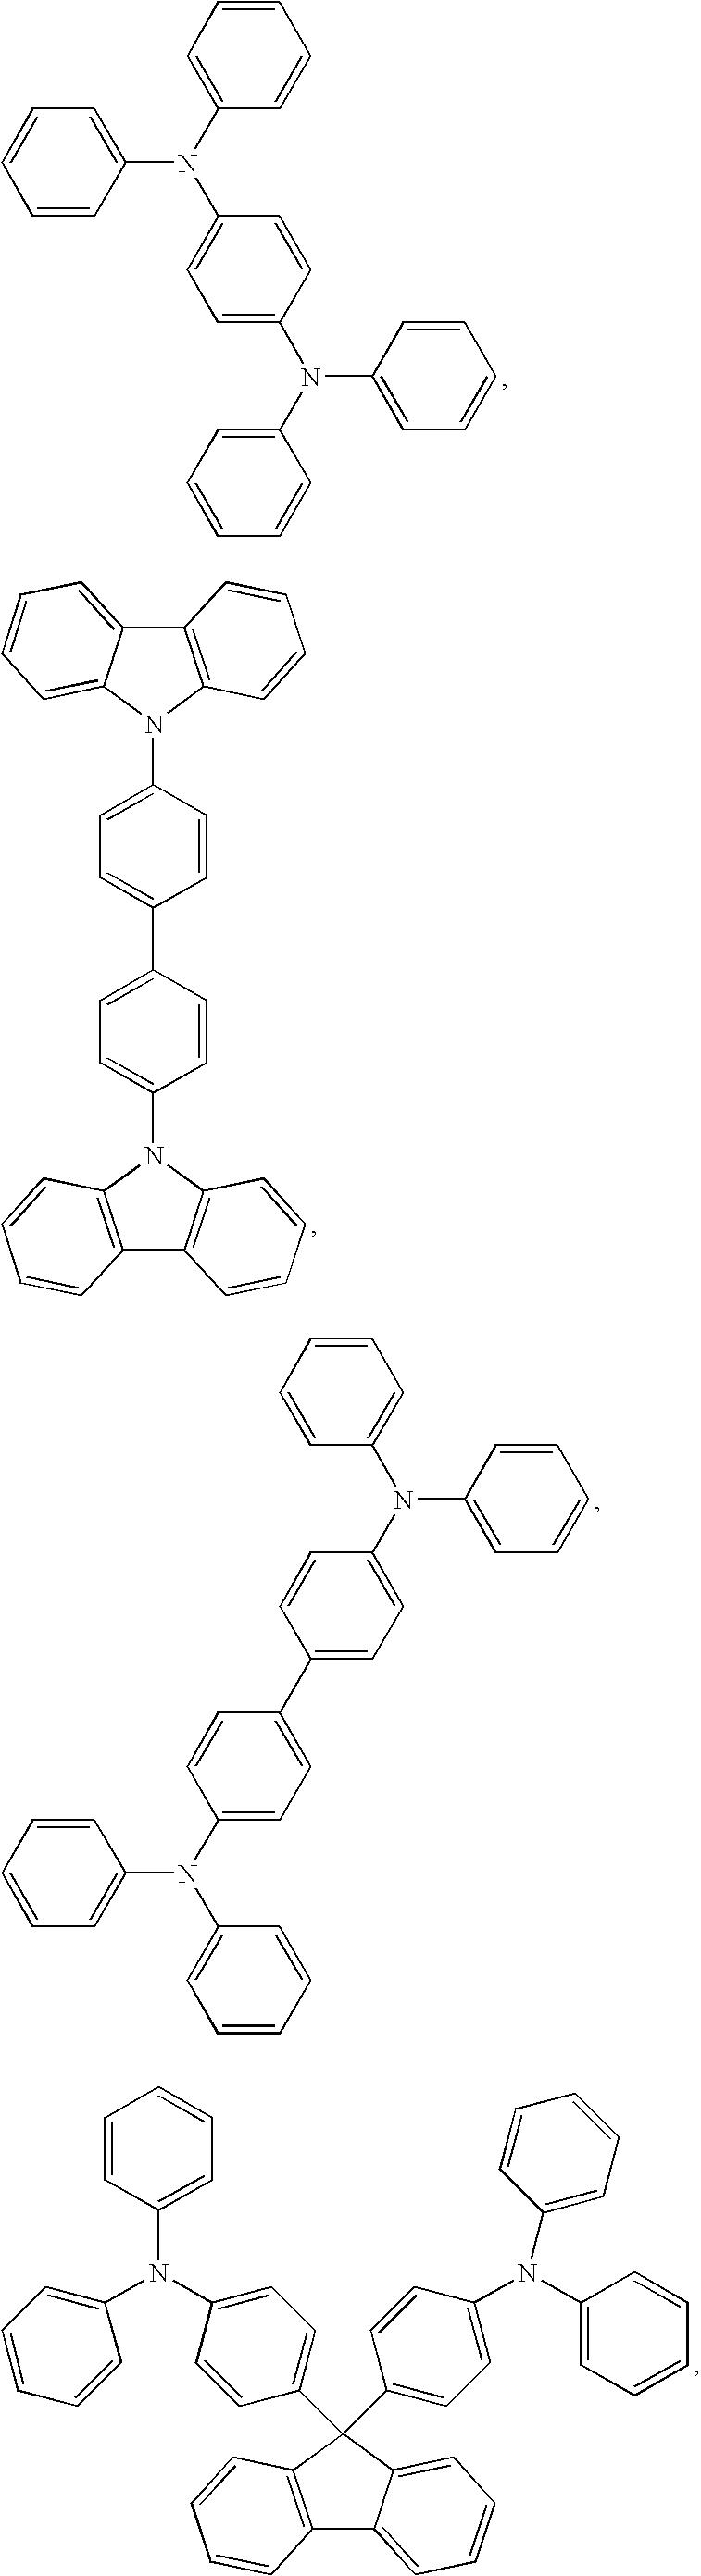 Figure US07192657-20070320-C00013